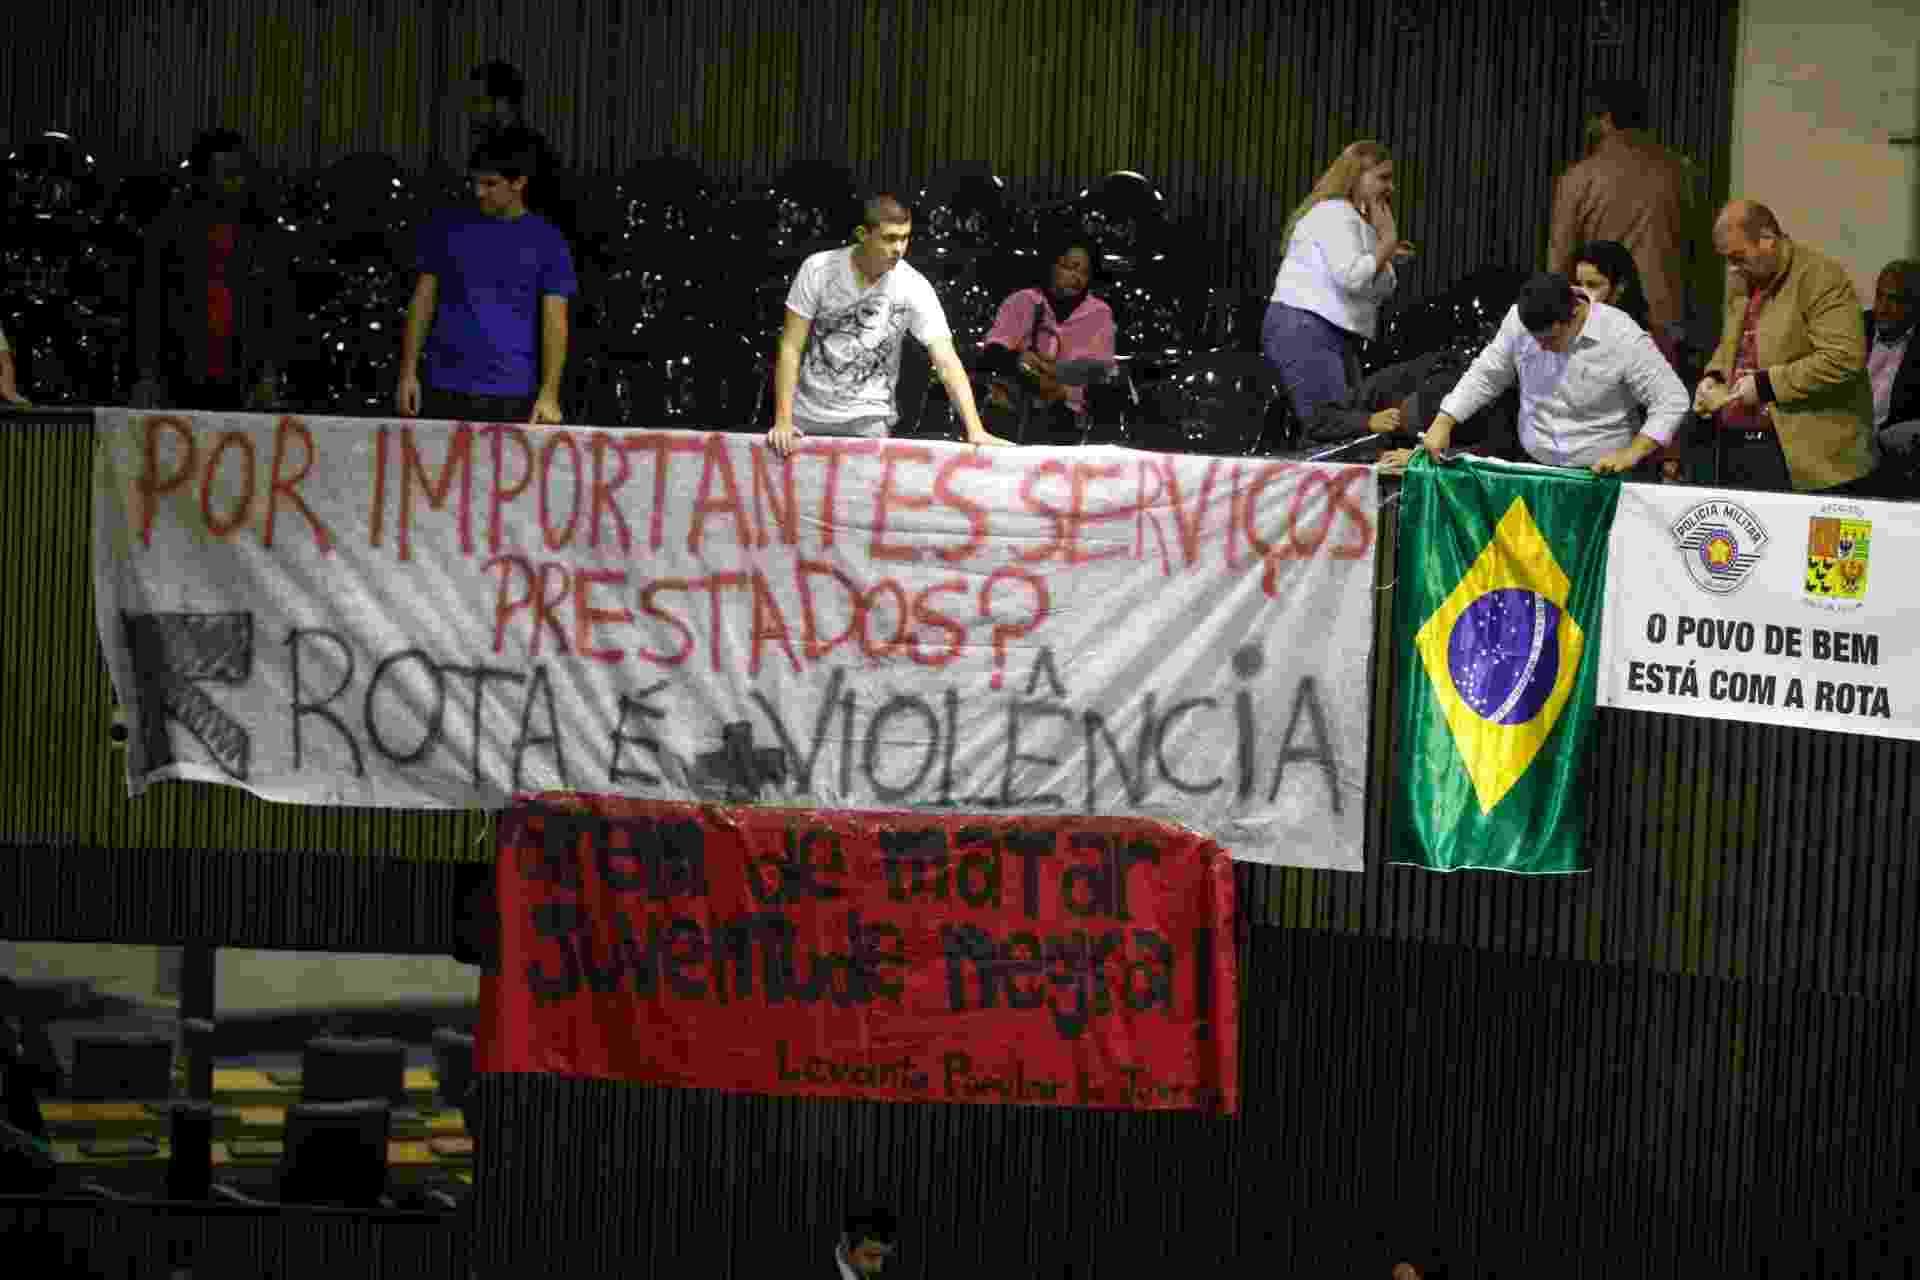 3.set.2013 - Manifestantes colocam faixas dentro do plenário da Câmara Municipal de São Paulo, no centro da capital paulista, para protestar contra a Salva de Prata, uma homenagem à Rota (Ronda Tobias de Aguiar), marcada para a tarde desta terça-feira (3) - Gabriela Biló/Futura Press/Estadão Conteúdo